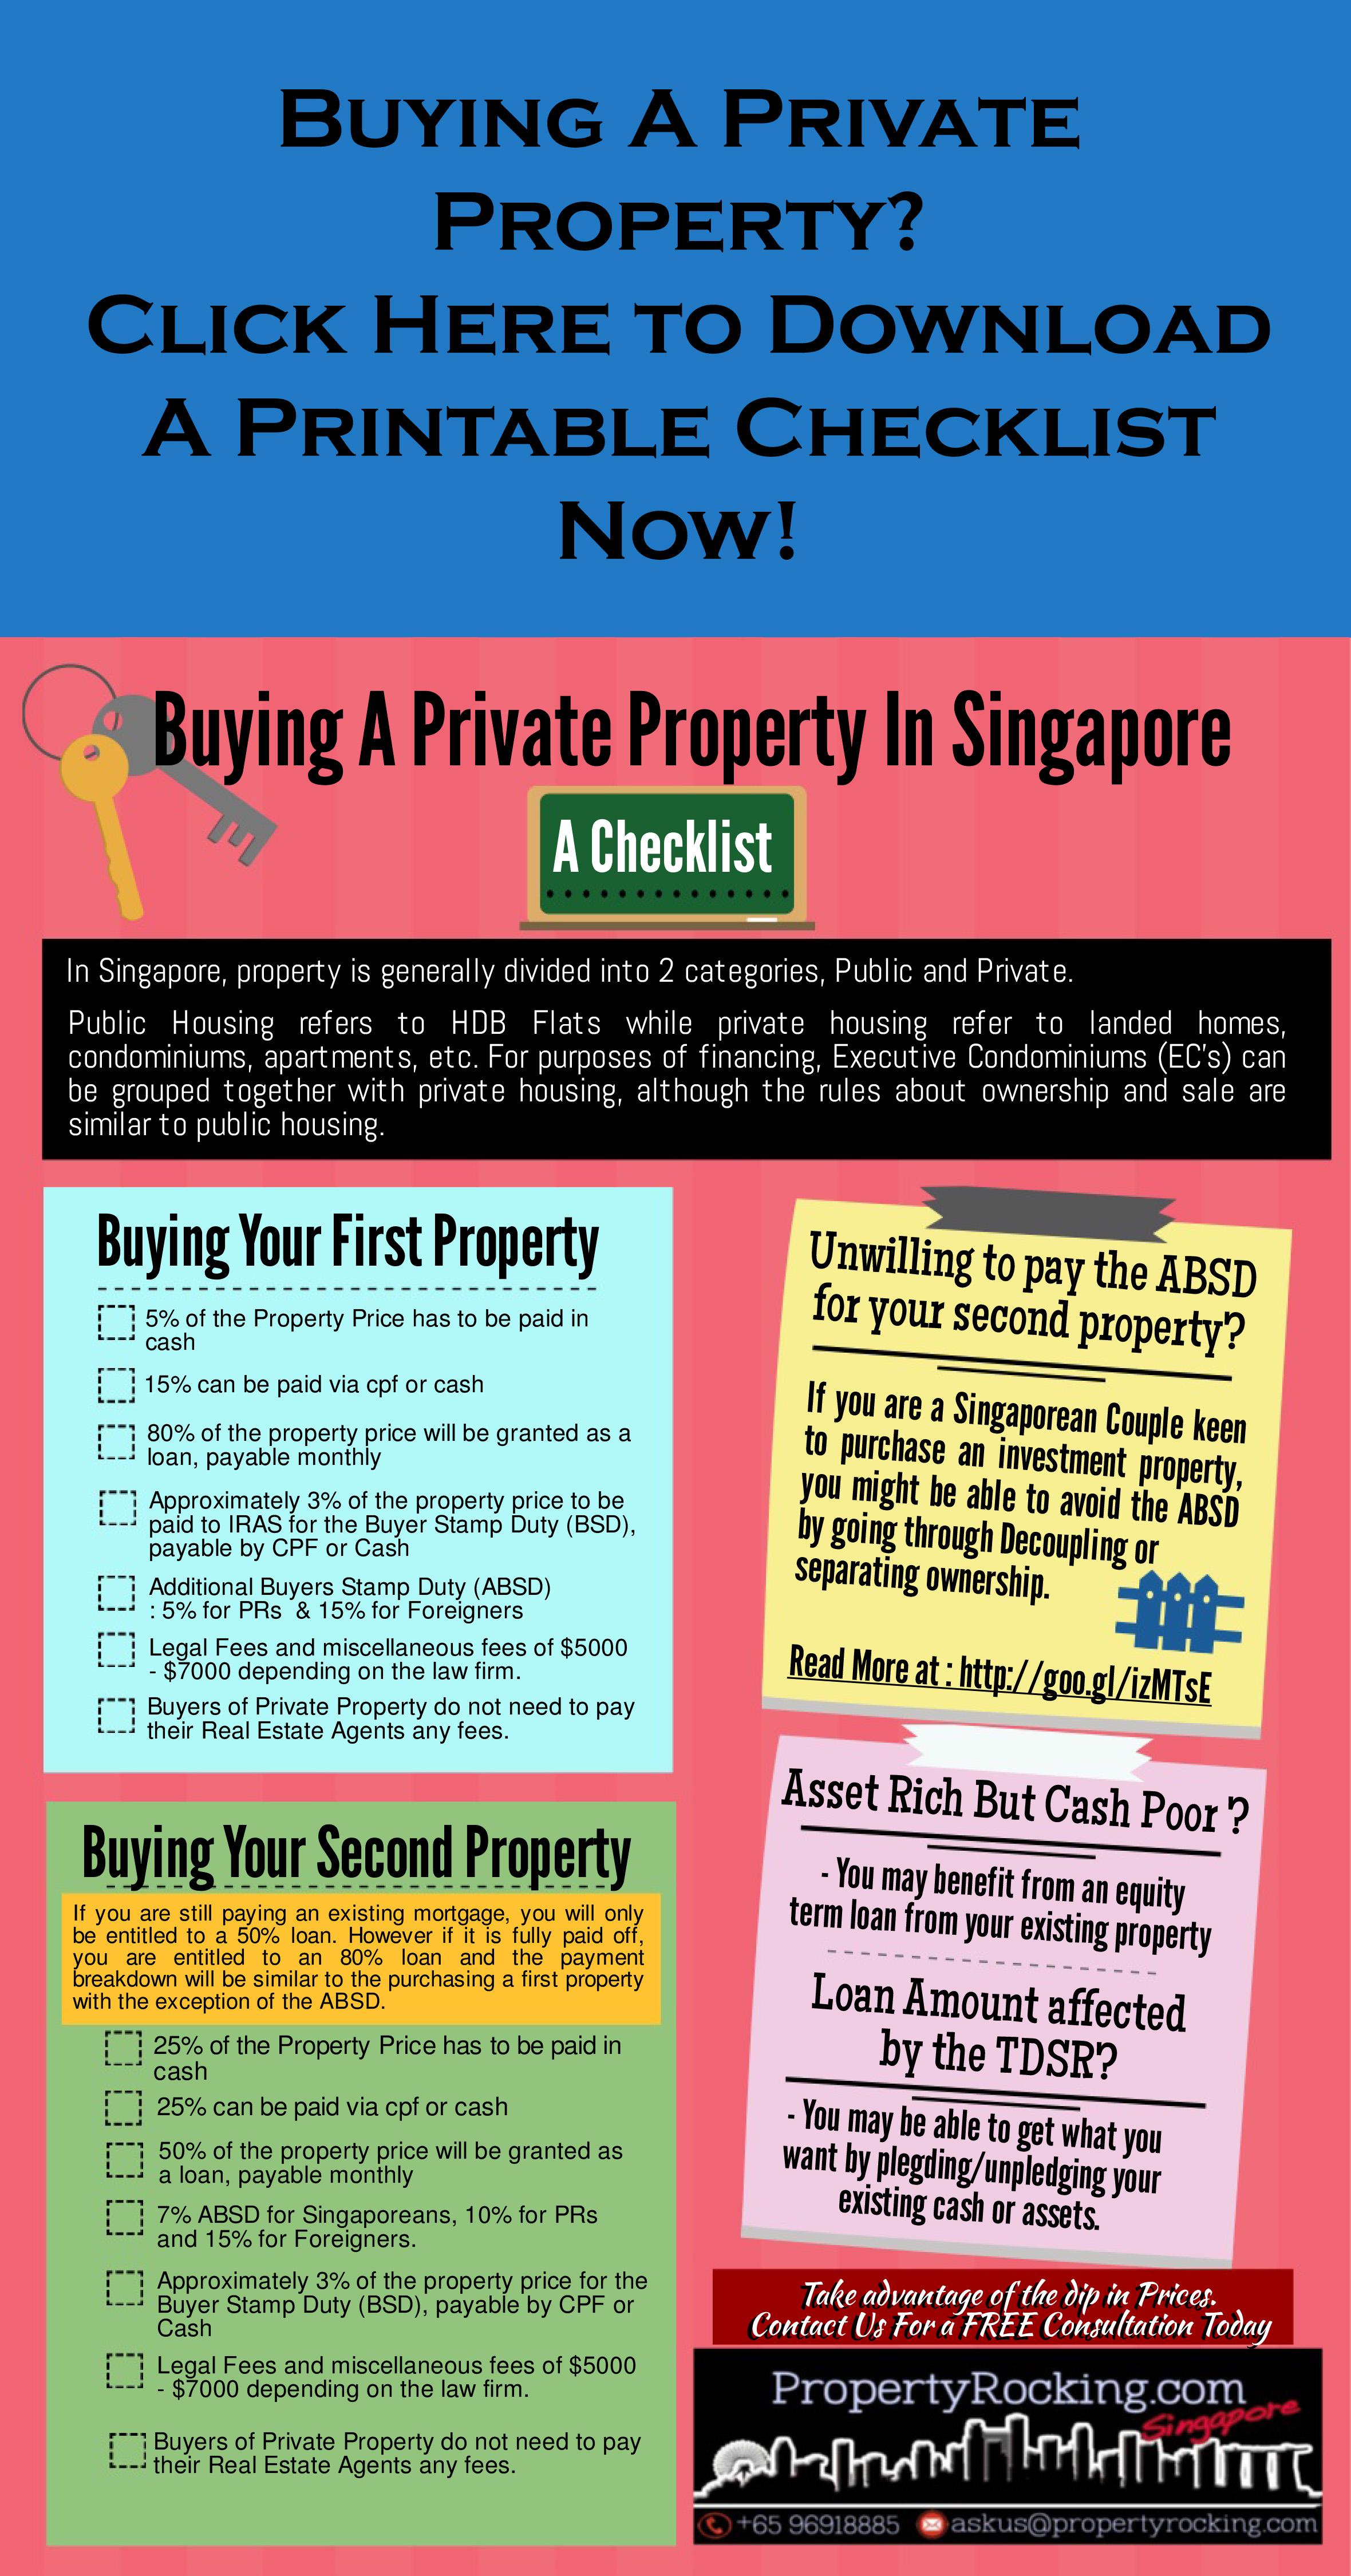 Easy cash loans dubai picture 5